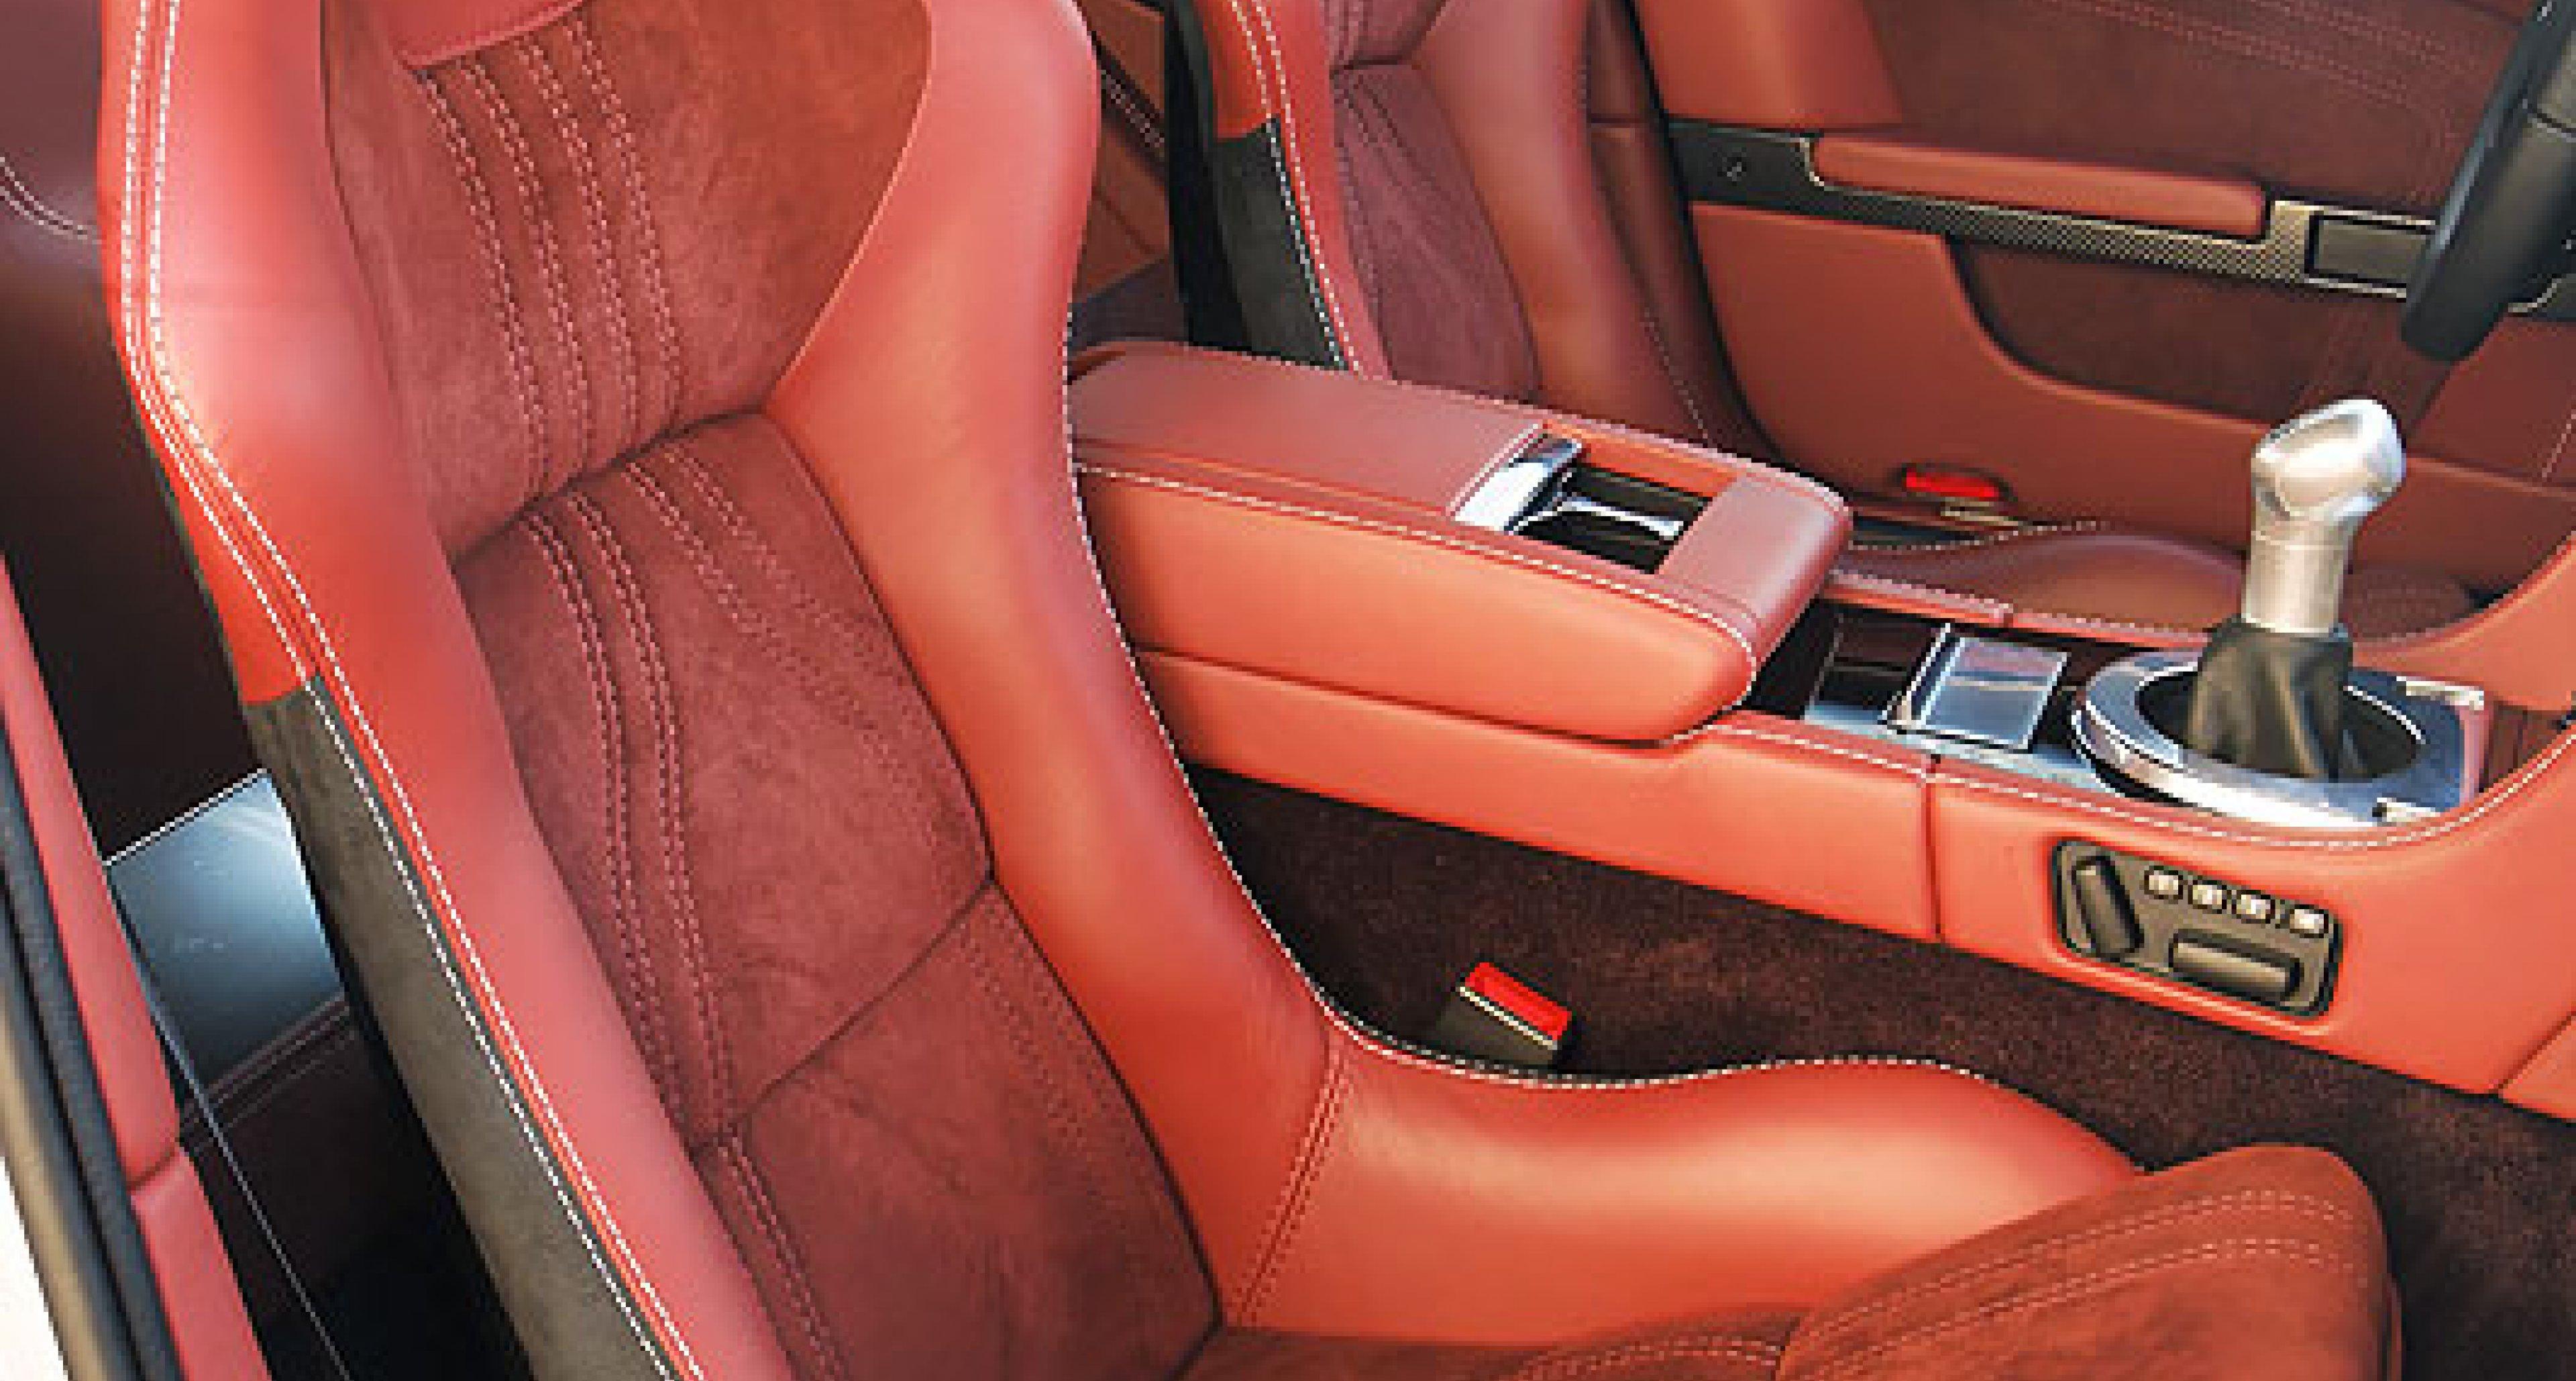 Aston Martin DBS – First Drive